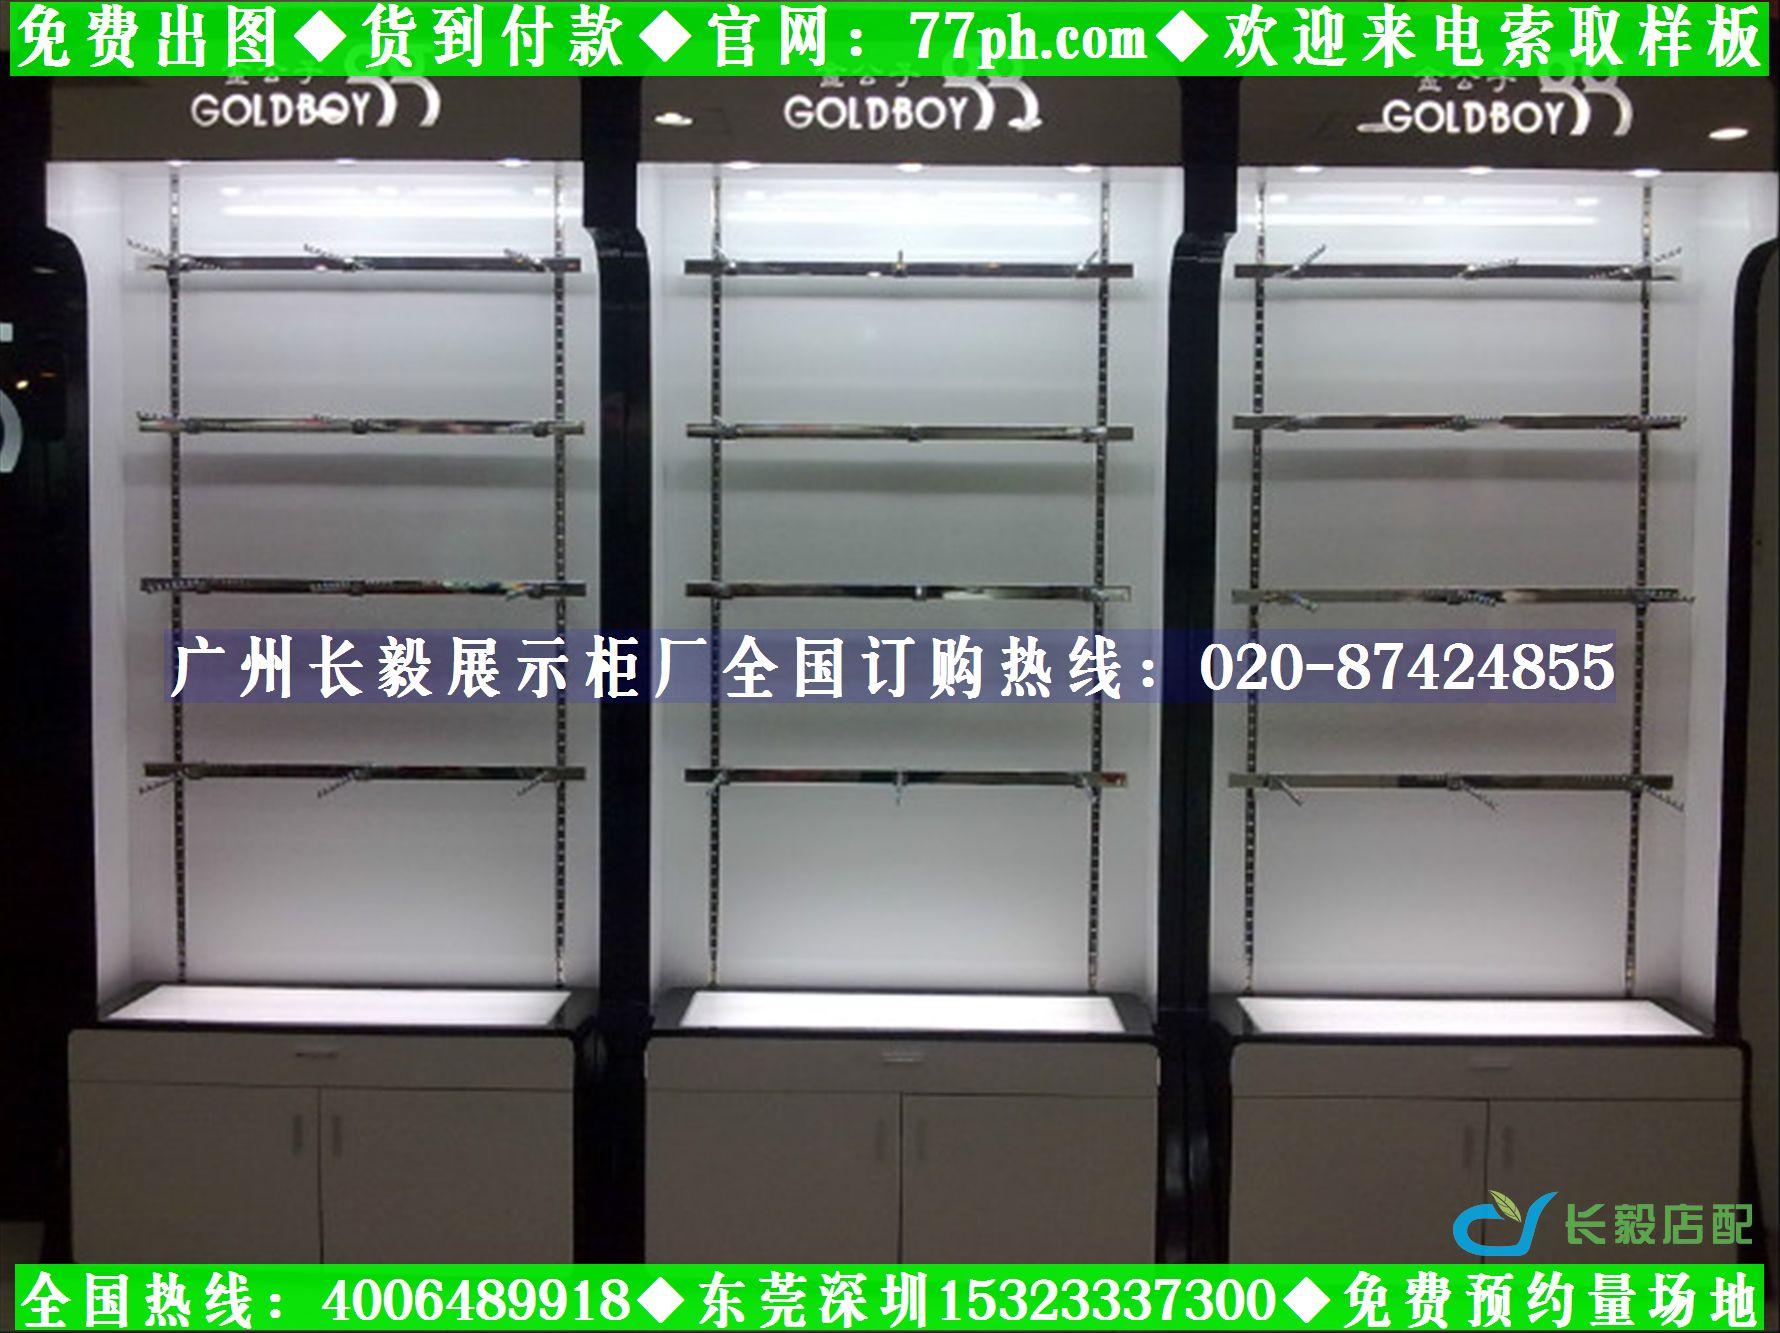 样品展示柜设计产品展示柜效果图